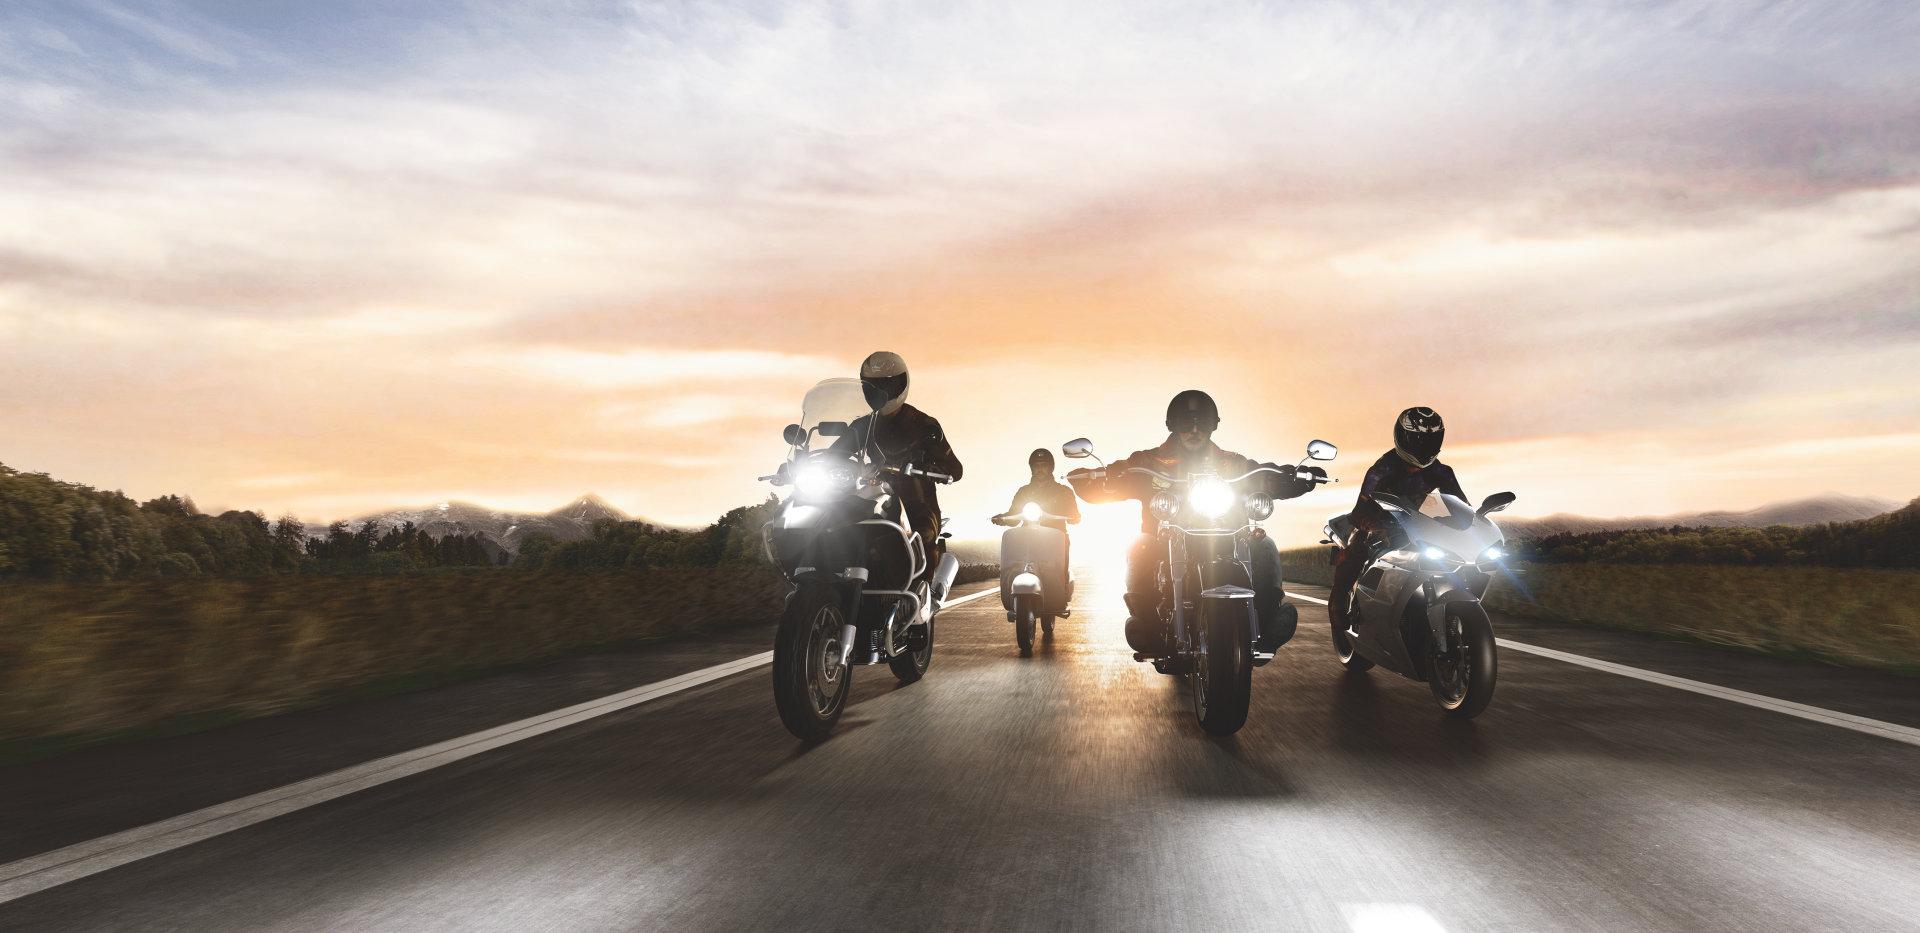 Освещение для мотоциклов